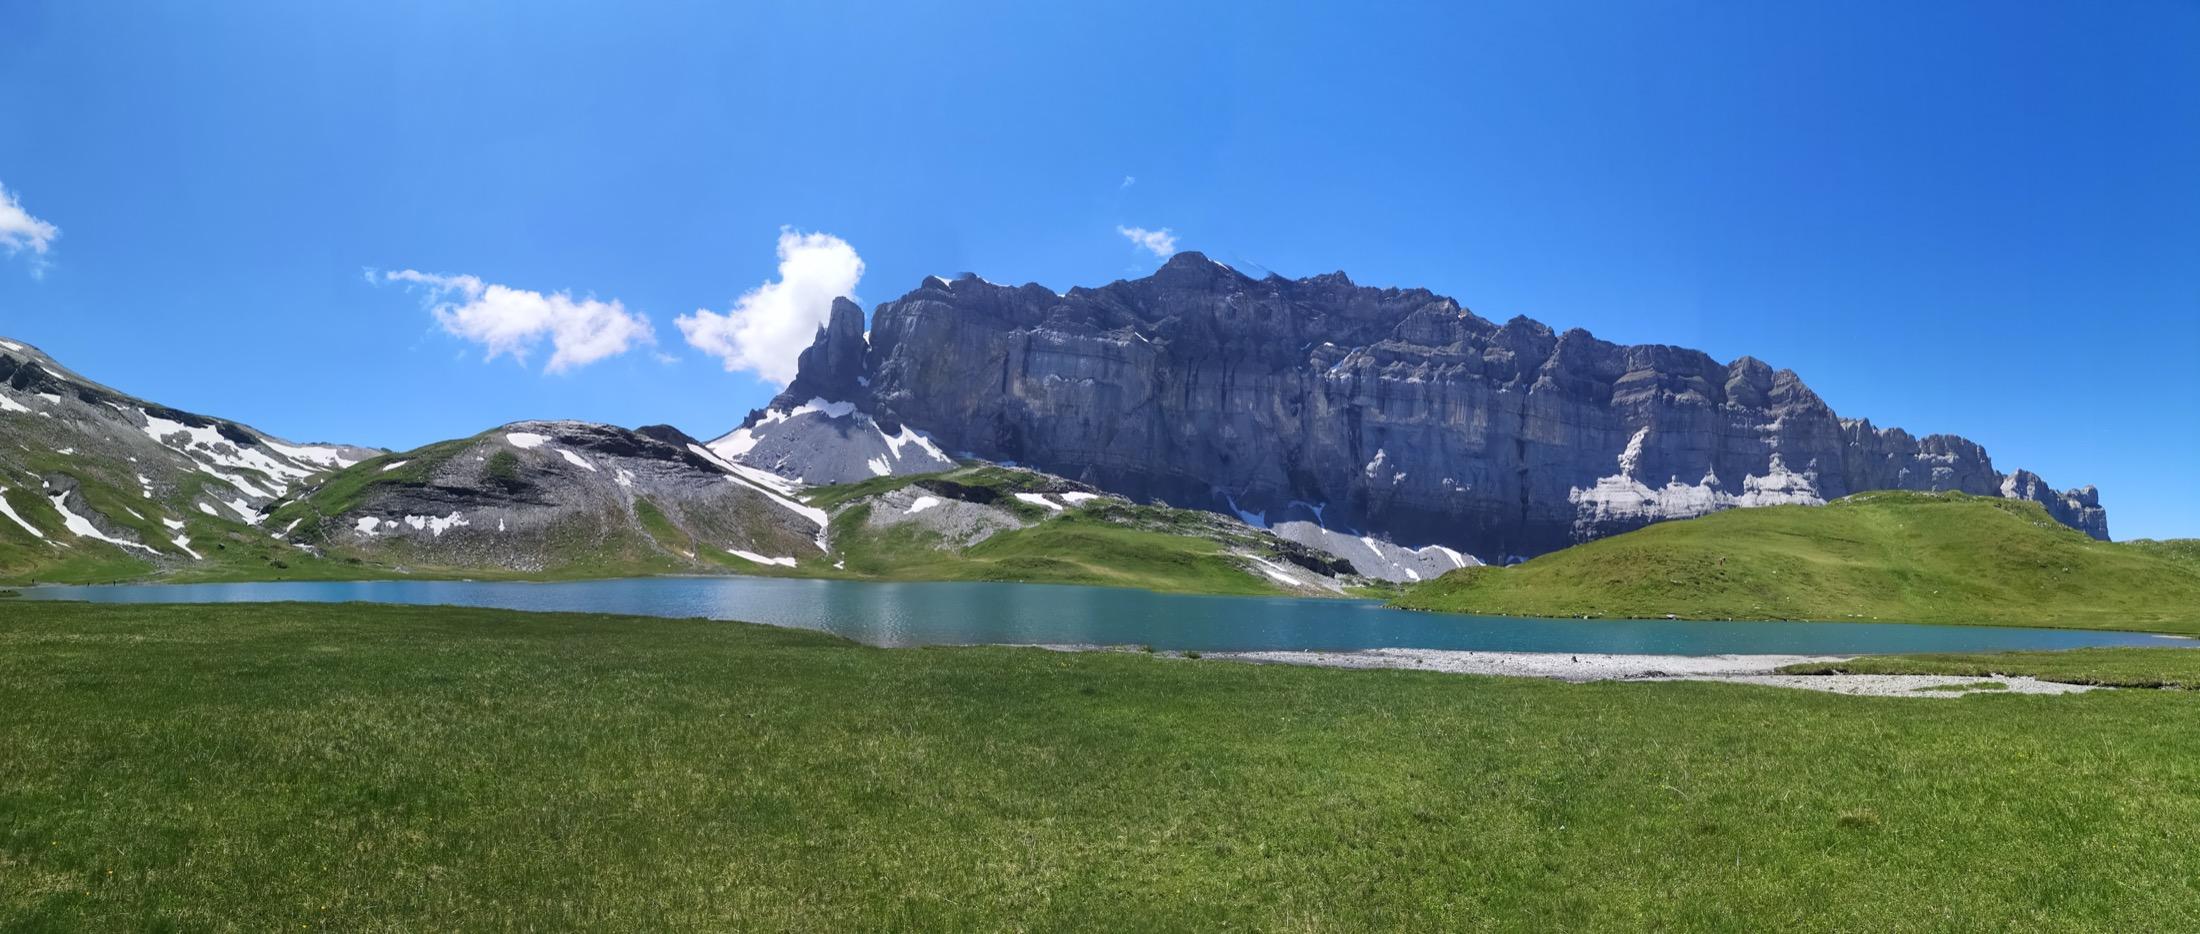 Le lac d'Anterne et sa falaise imposante!